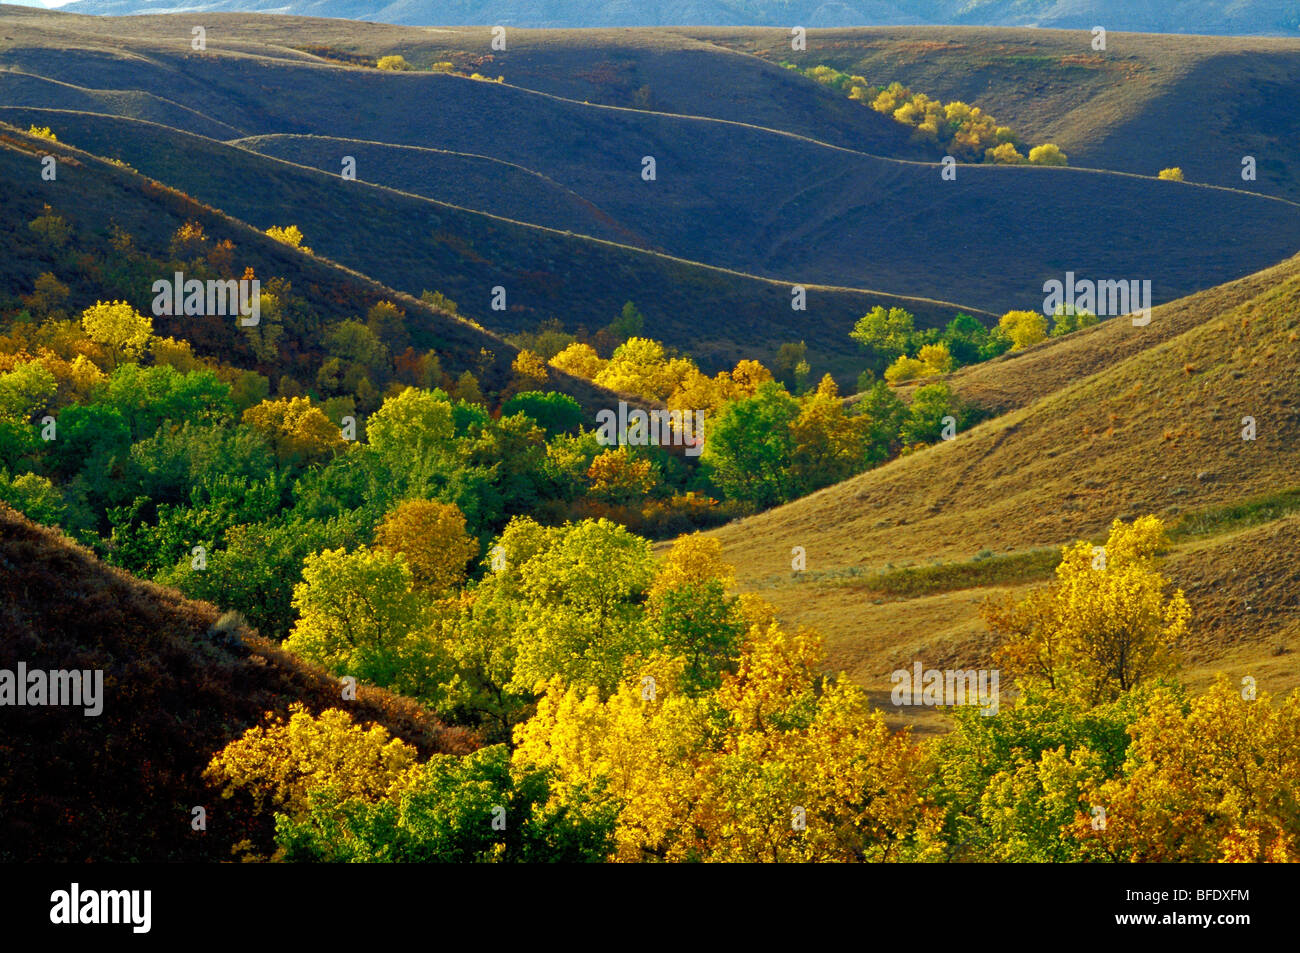 Álamos (Populus) farolear en colores de otoño, Big Muddy Badlands, Saskatchewan, Canadá Imagen De Stock